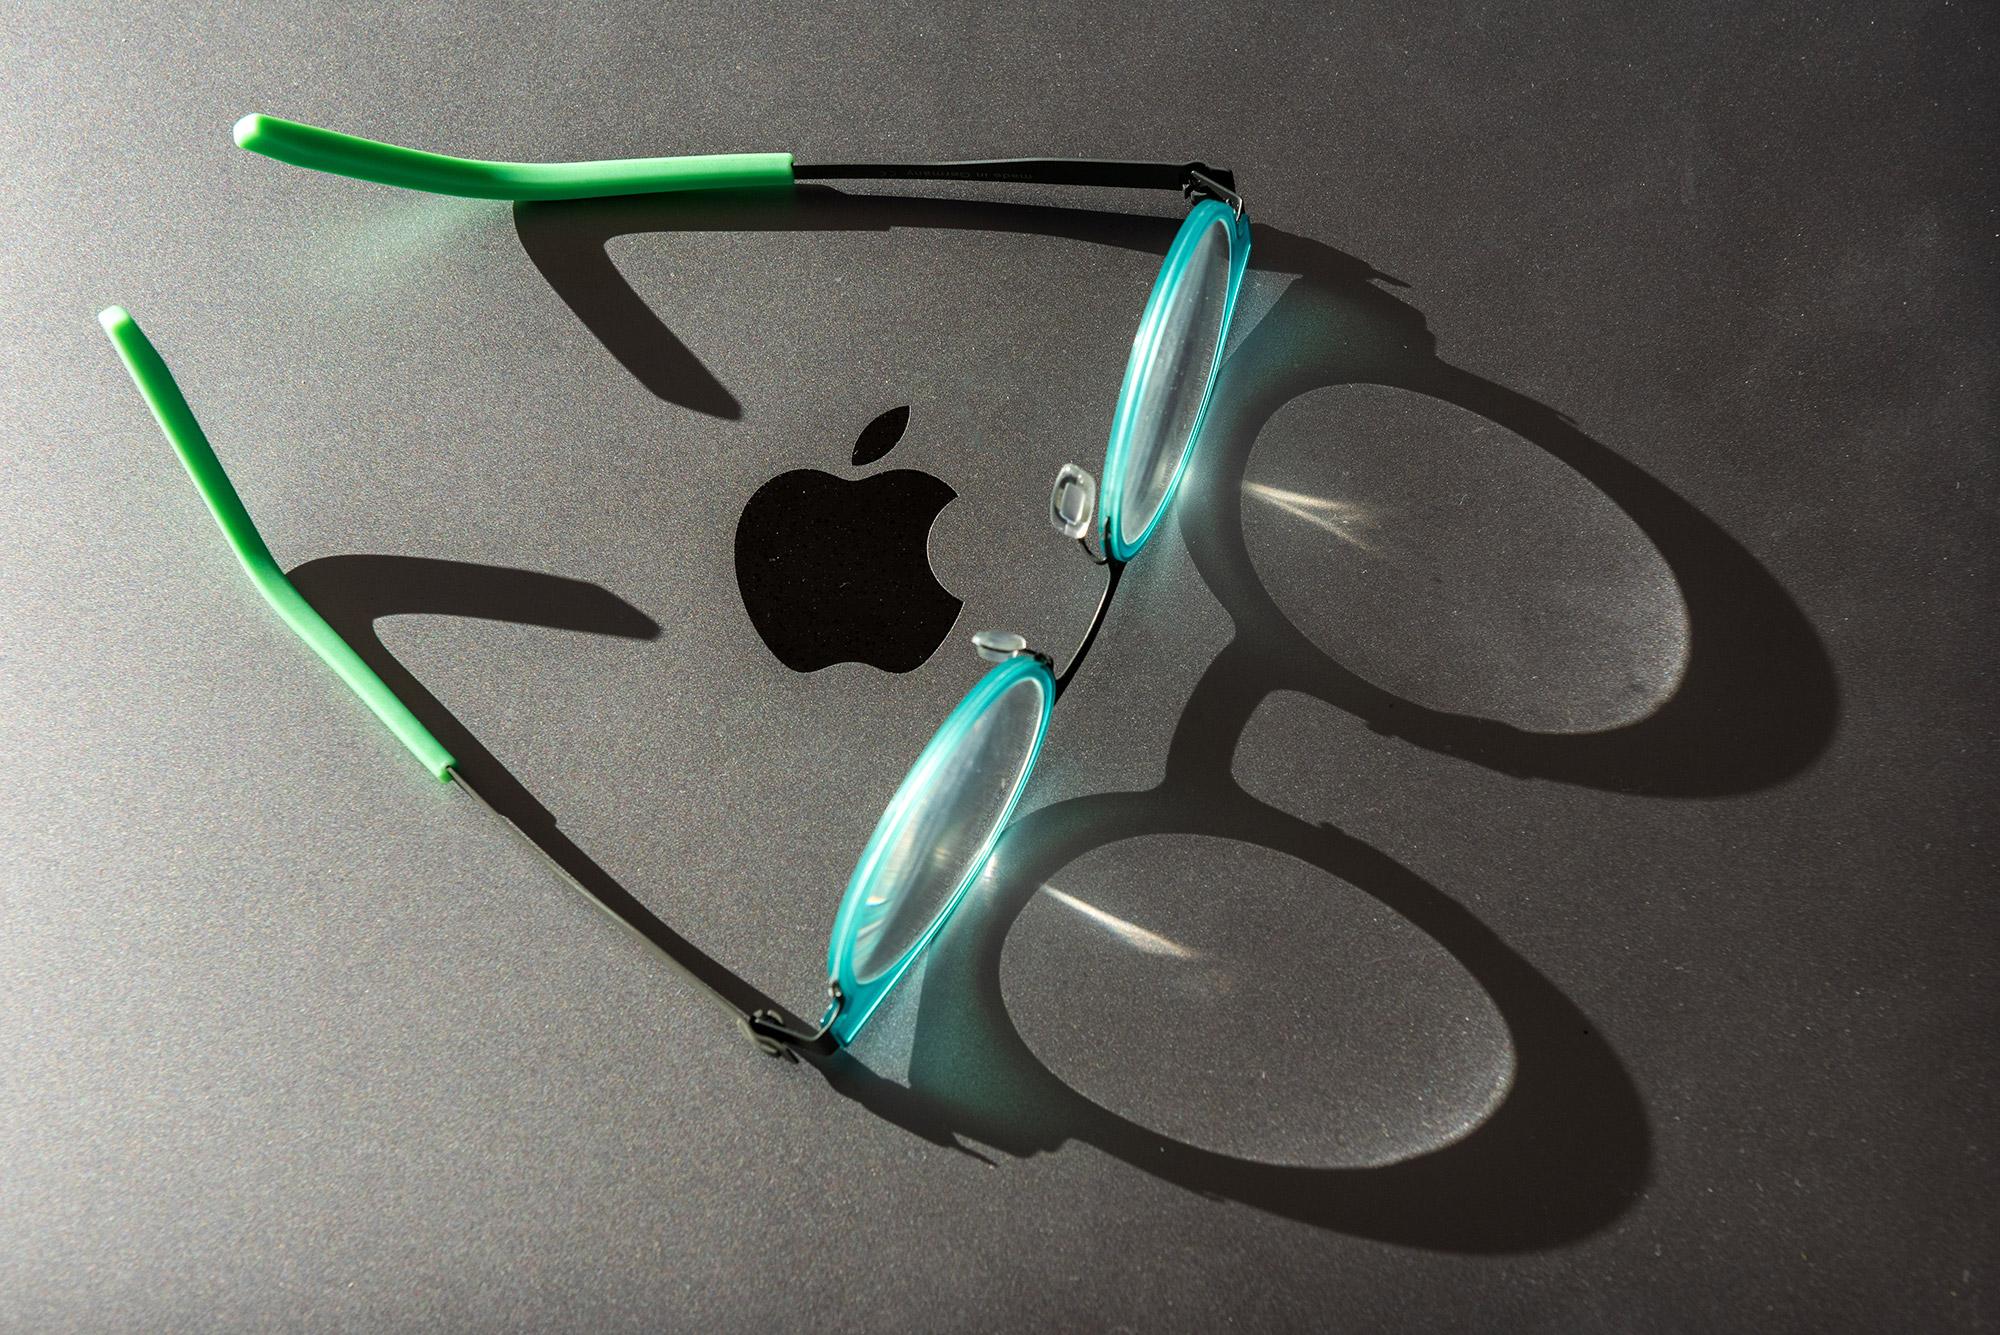 Abgelegte Brille auf einem MacBook mit Lichtspiel